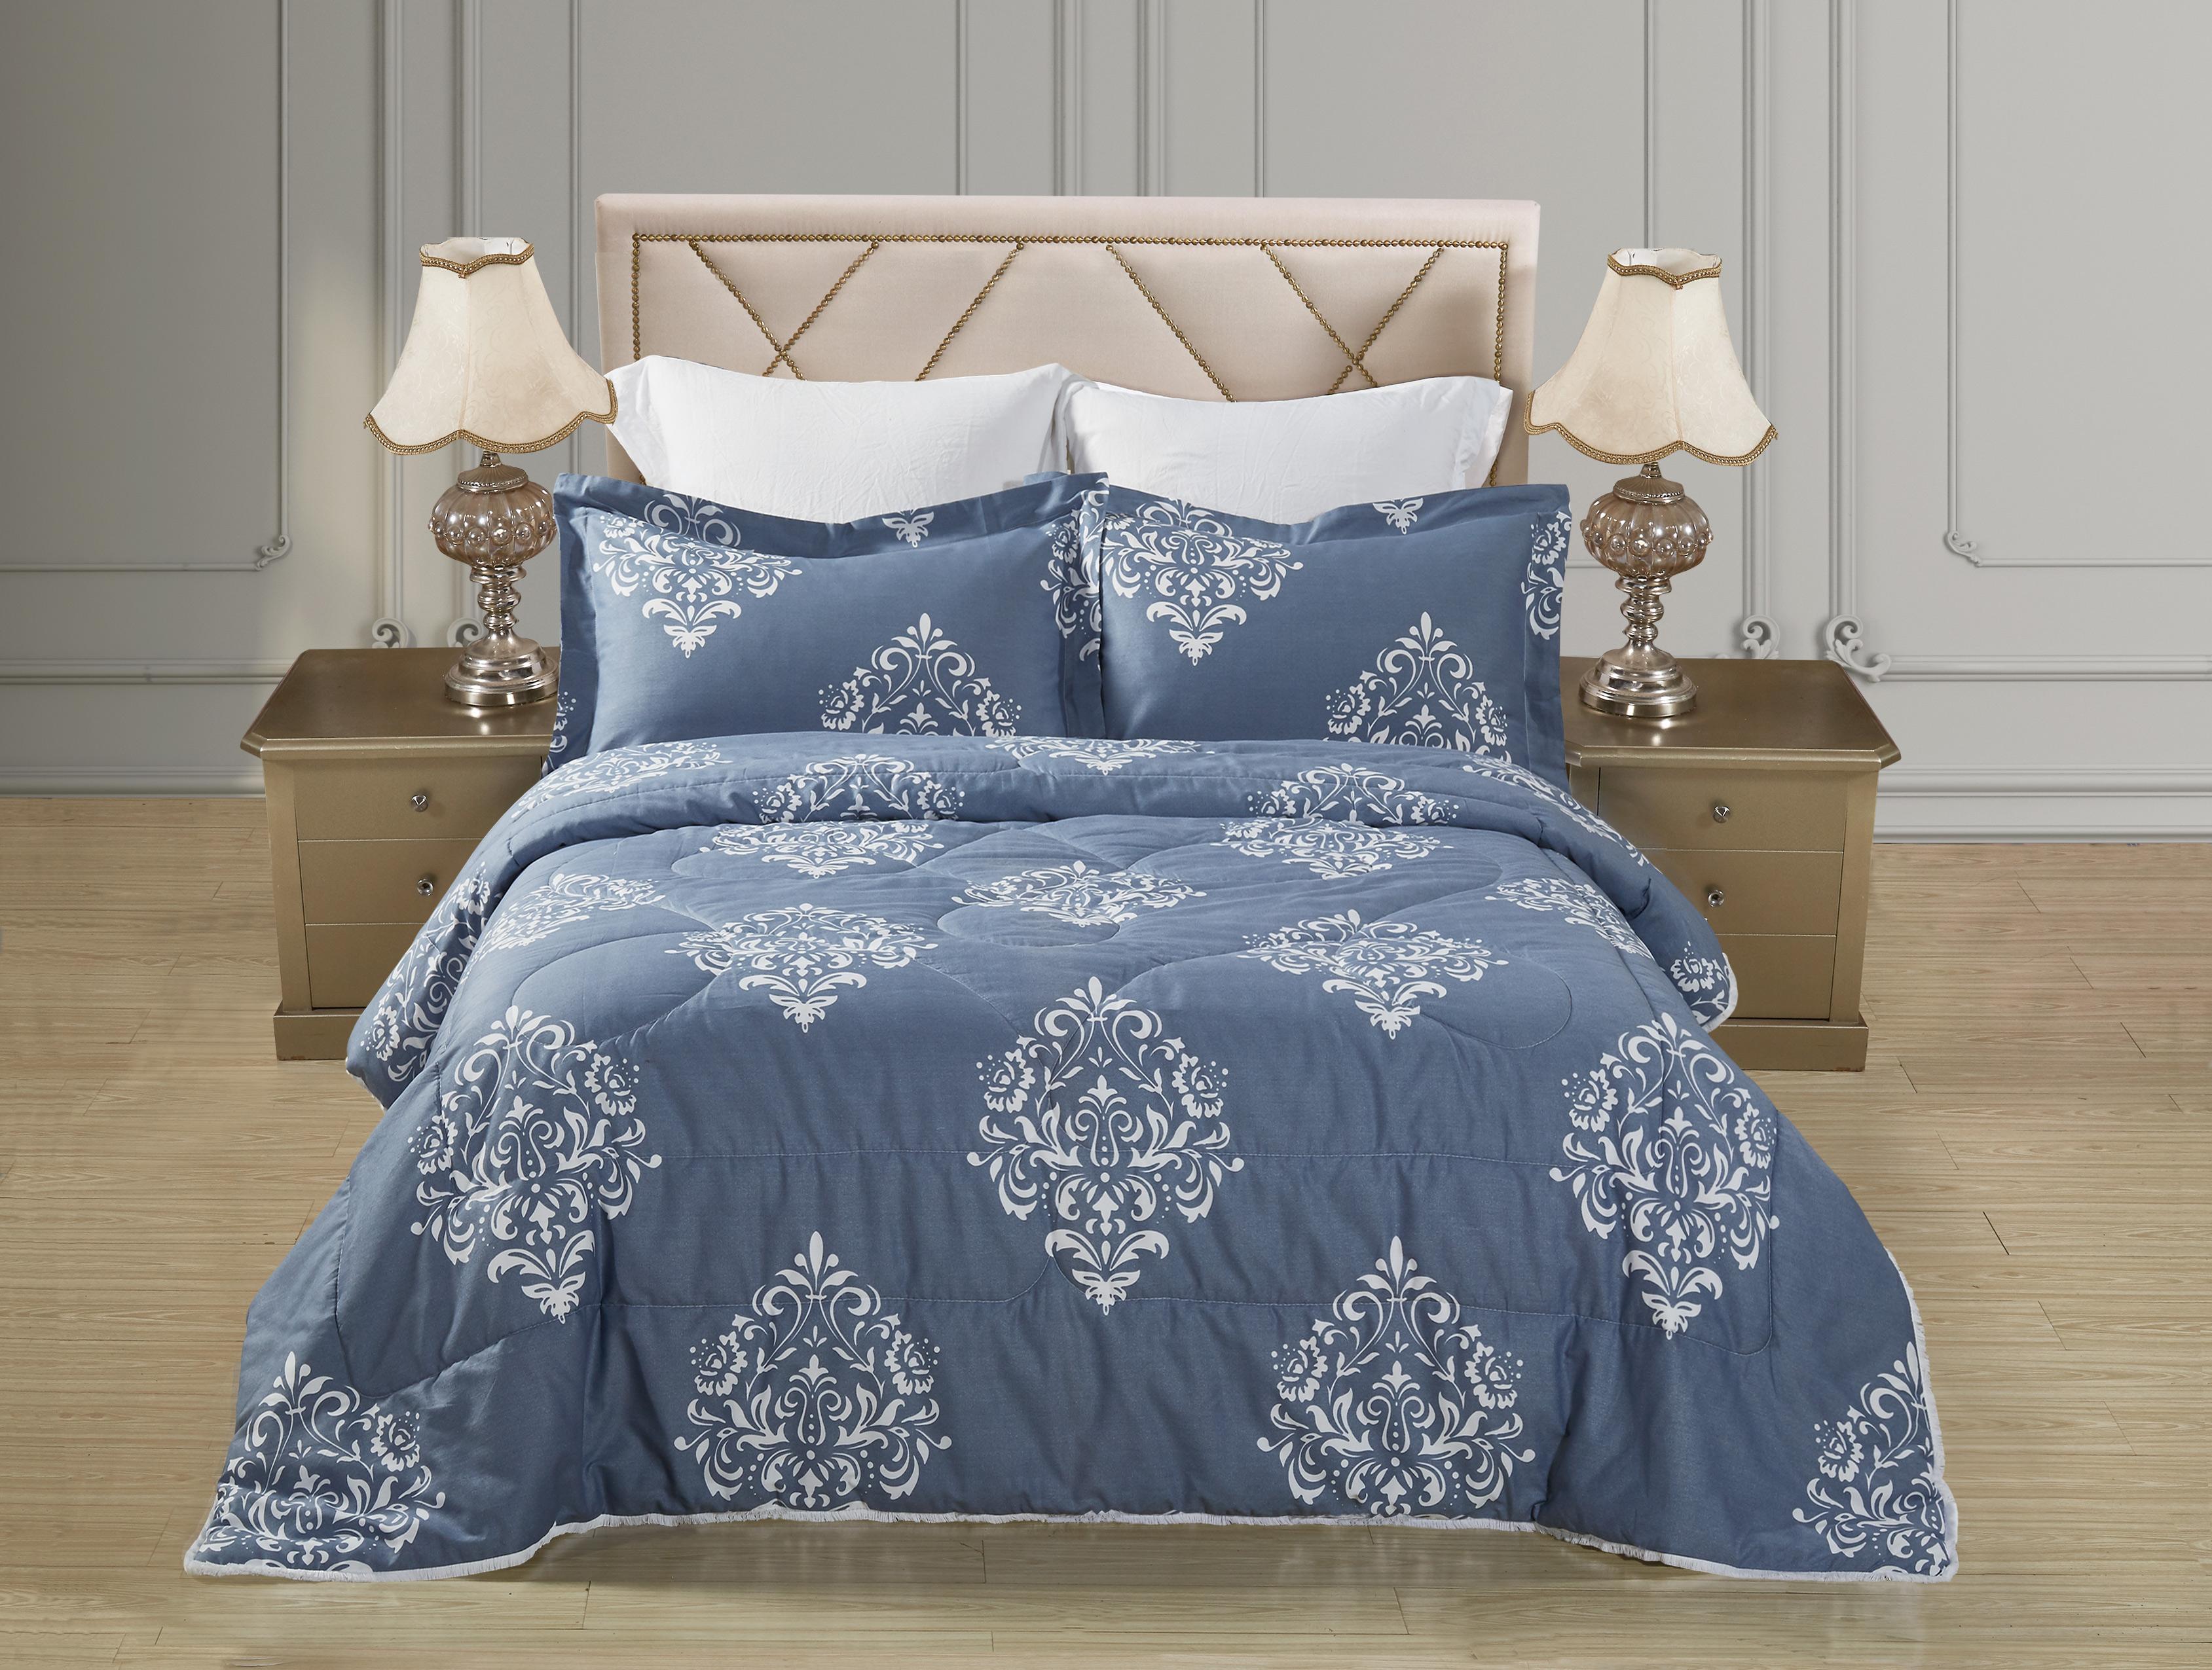 Купить Комплекты постельного белья Mioletto, Постельное белье с одеялом-пододеяльником Bettina (семейное), Китай, Хлопковый сатин, Синтетический сатин